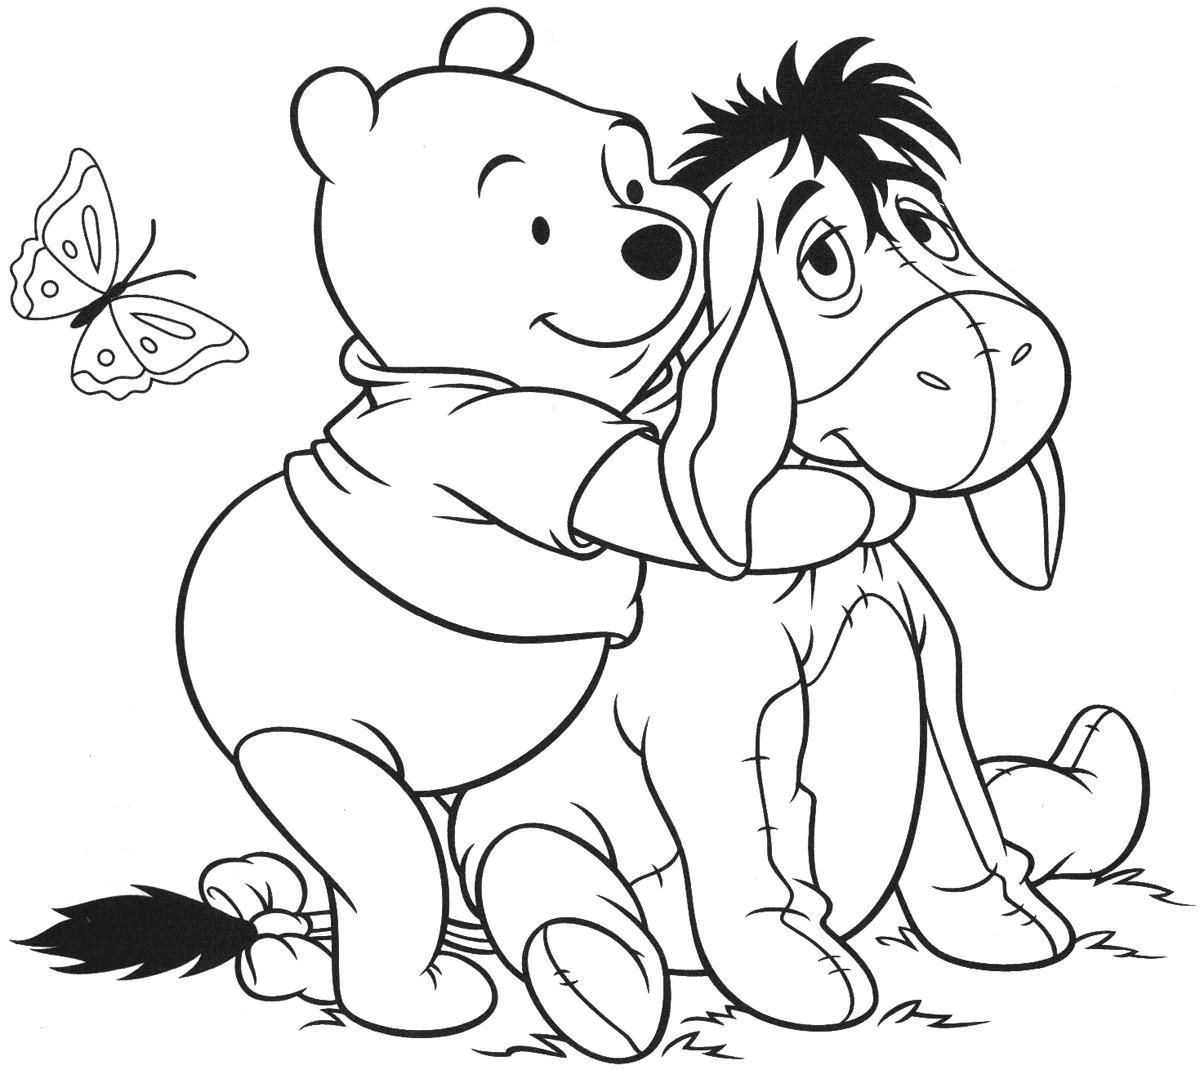 Malvorlagen Winnie Pooh Einzigartig 45 Frisch Ausmalbilder Winnie Puuh Mickeycarrollmunchkin Bilder